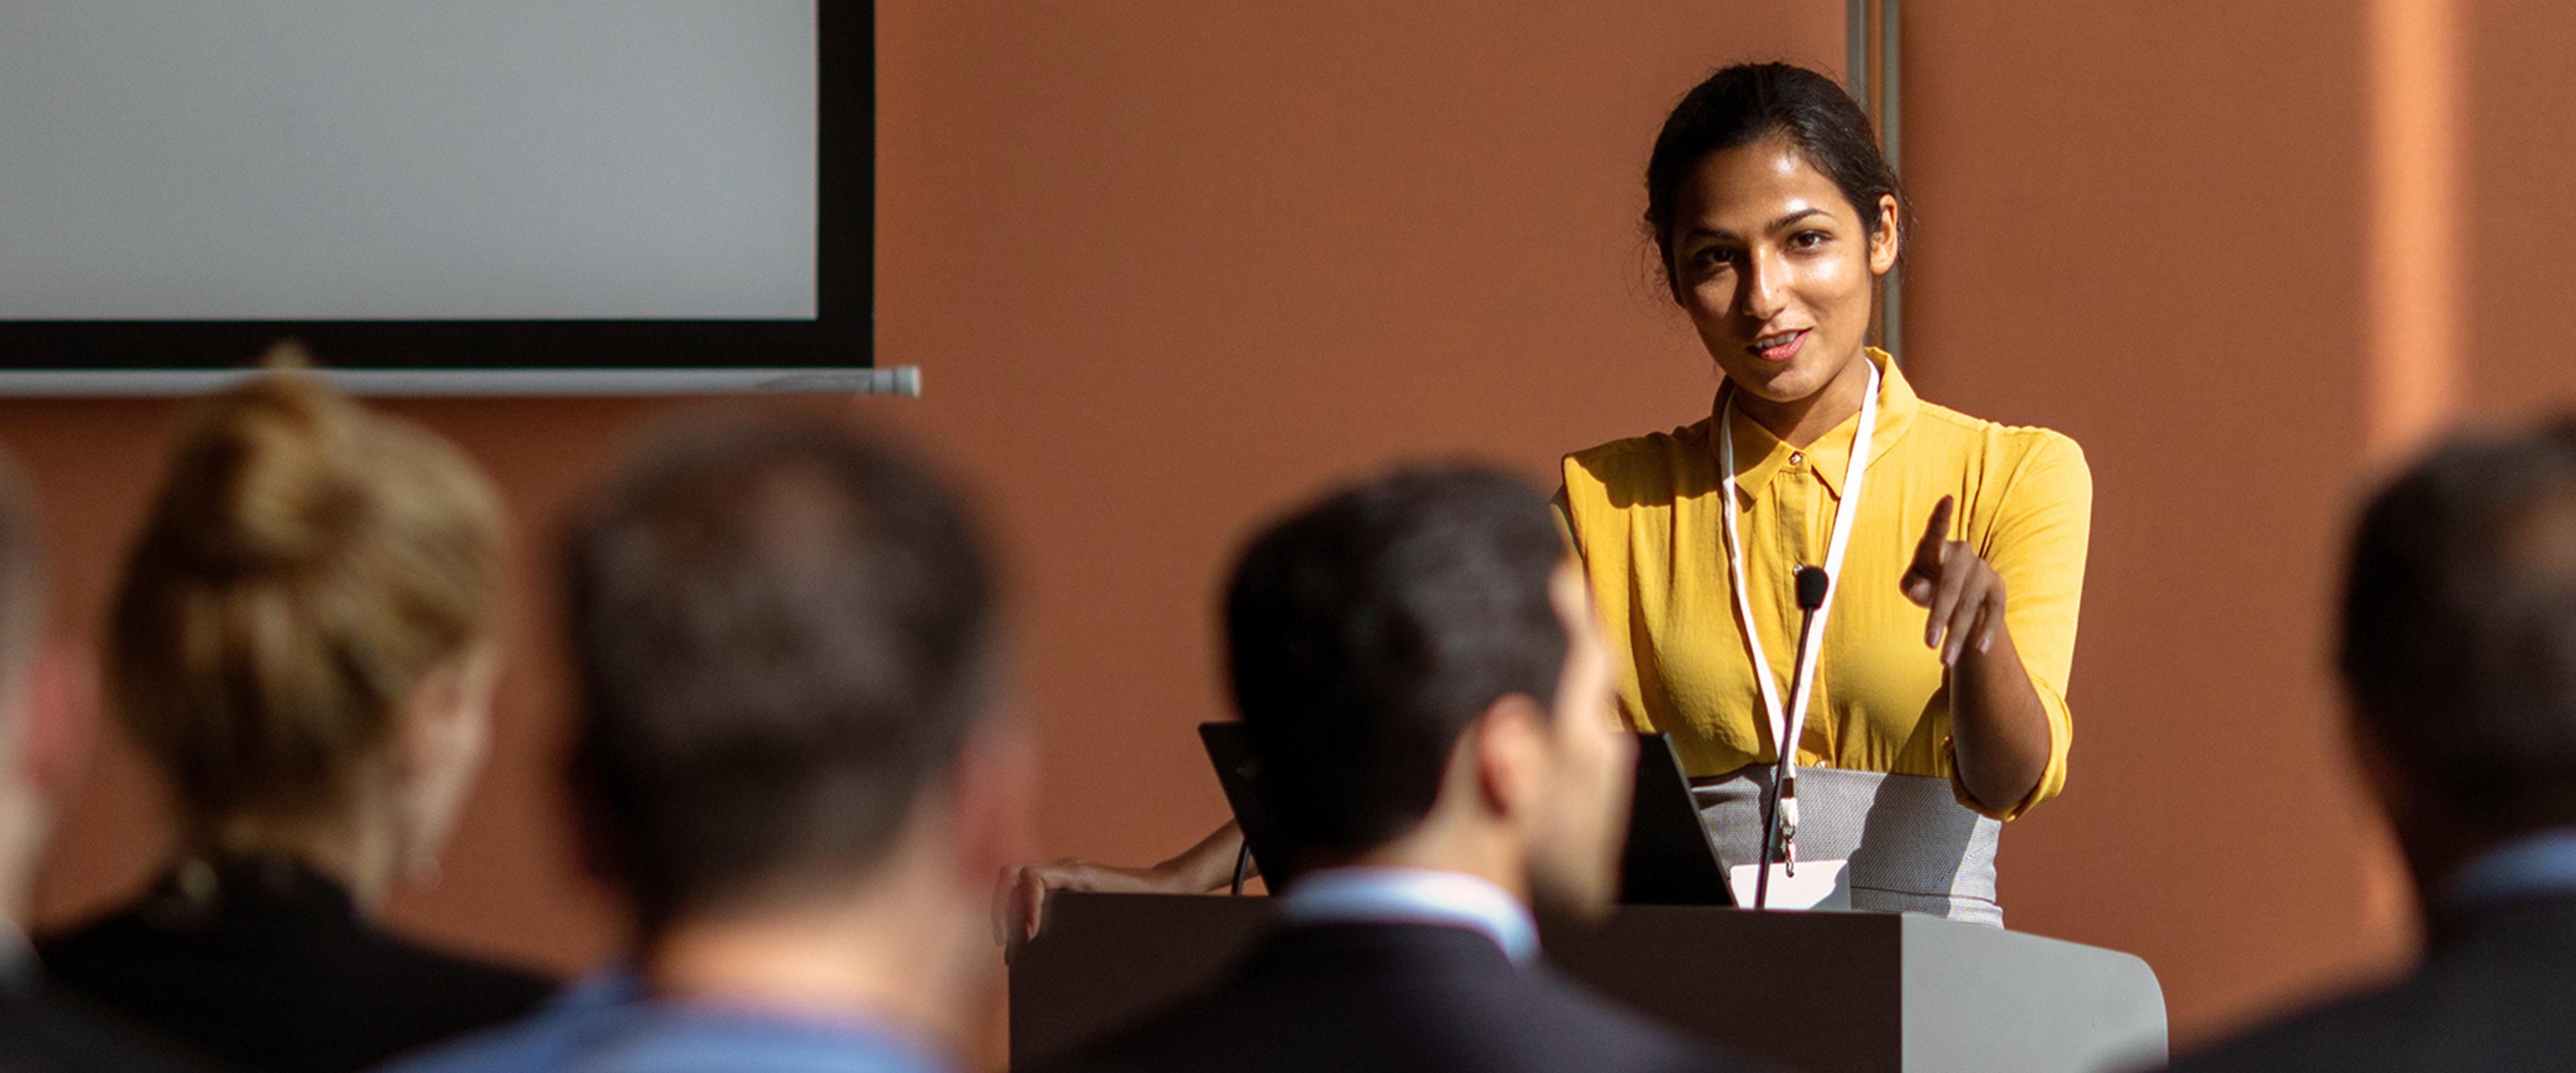 Người phụ nữ phát biểu tại cuộc họp công cộng